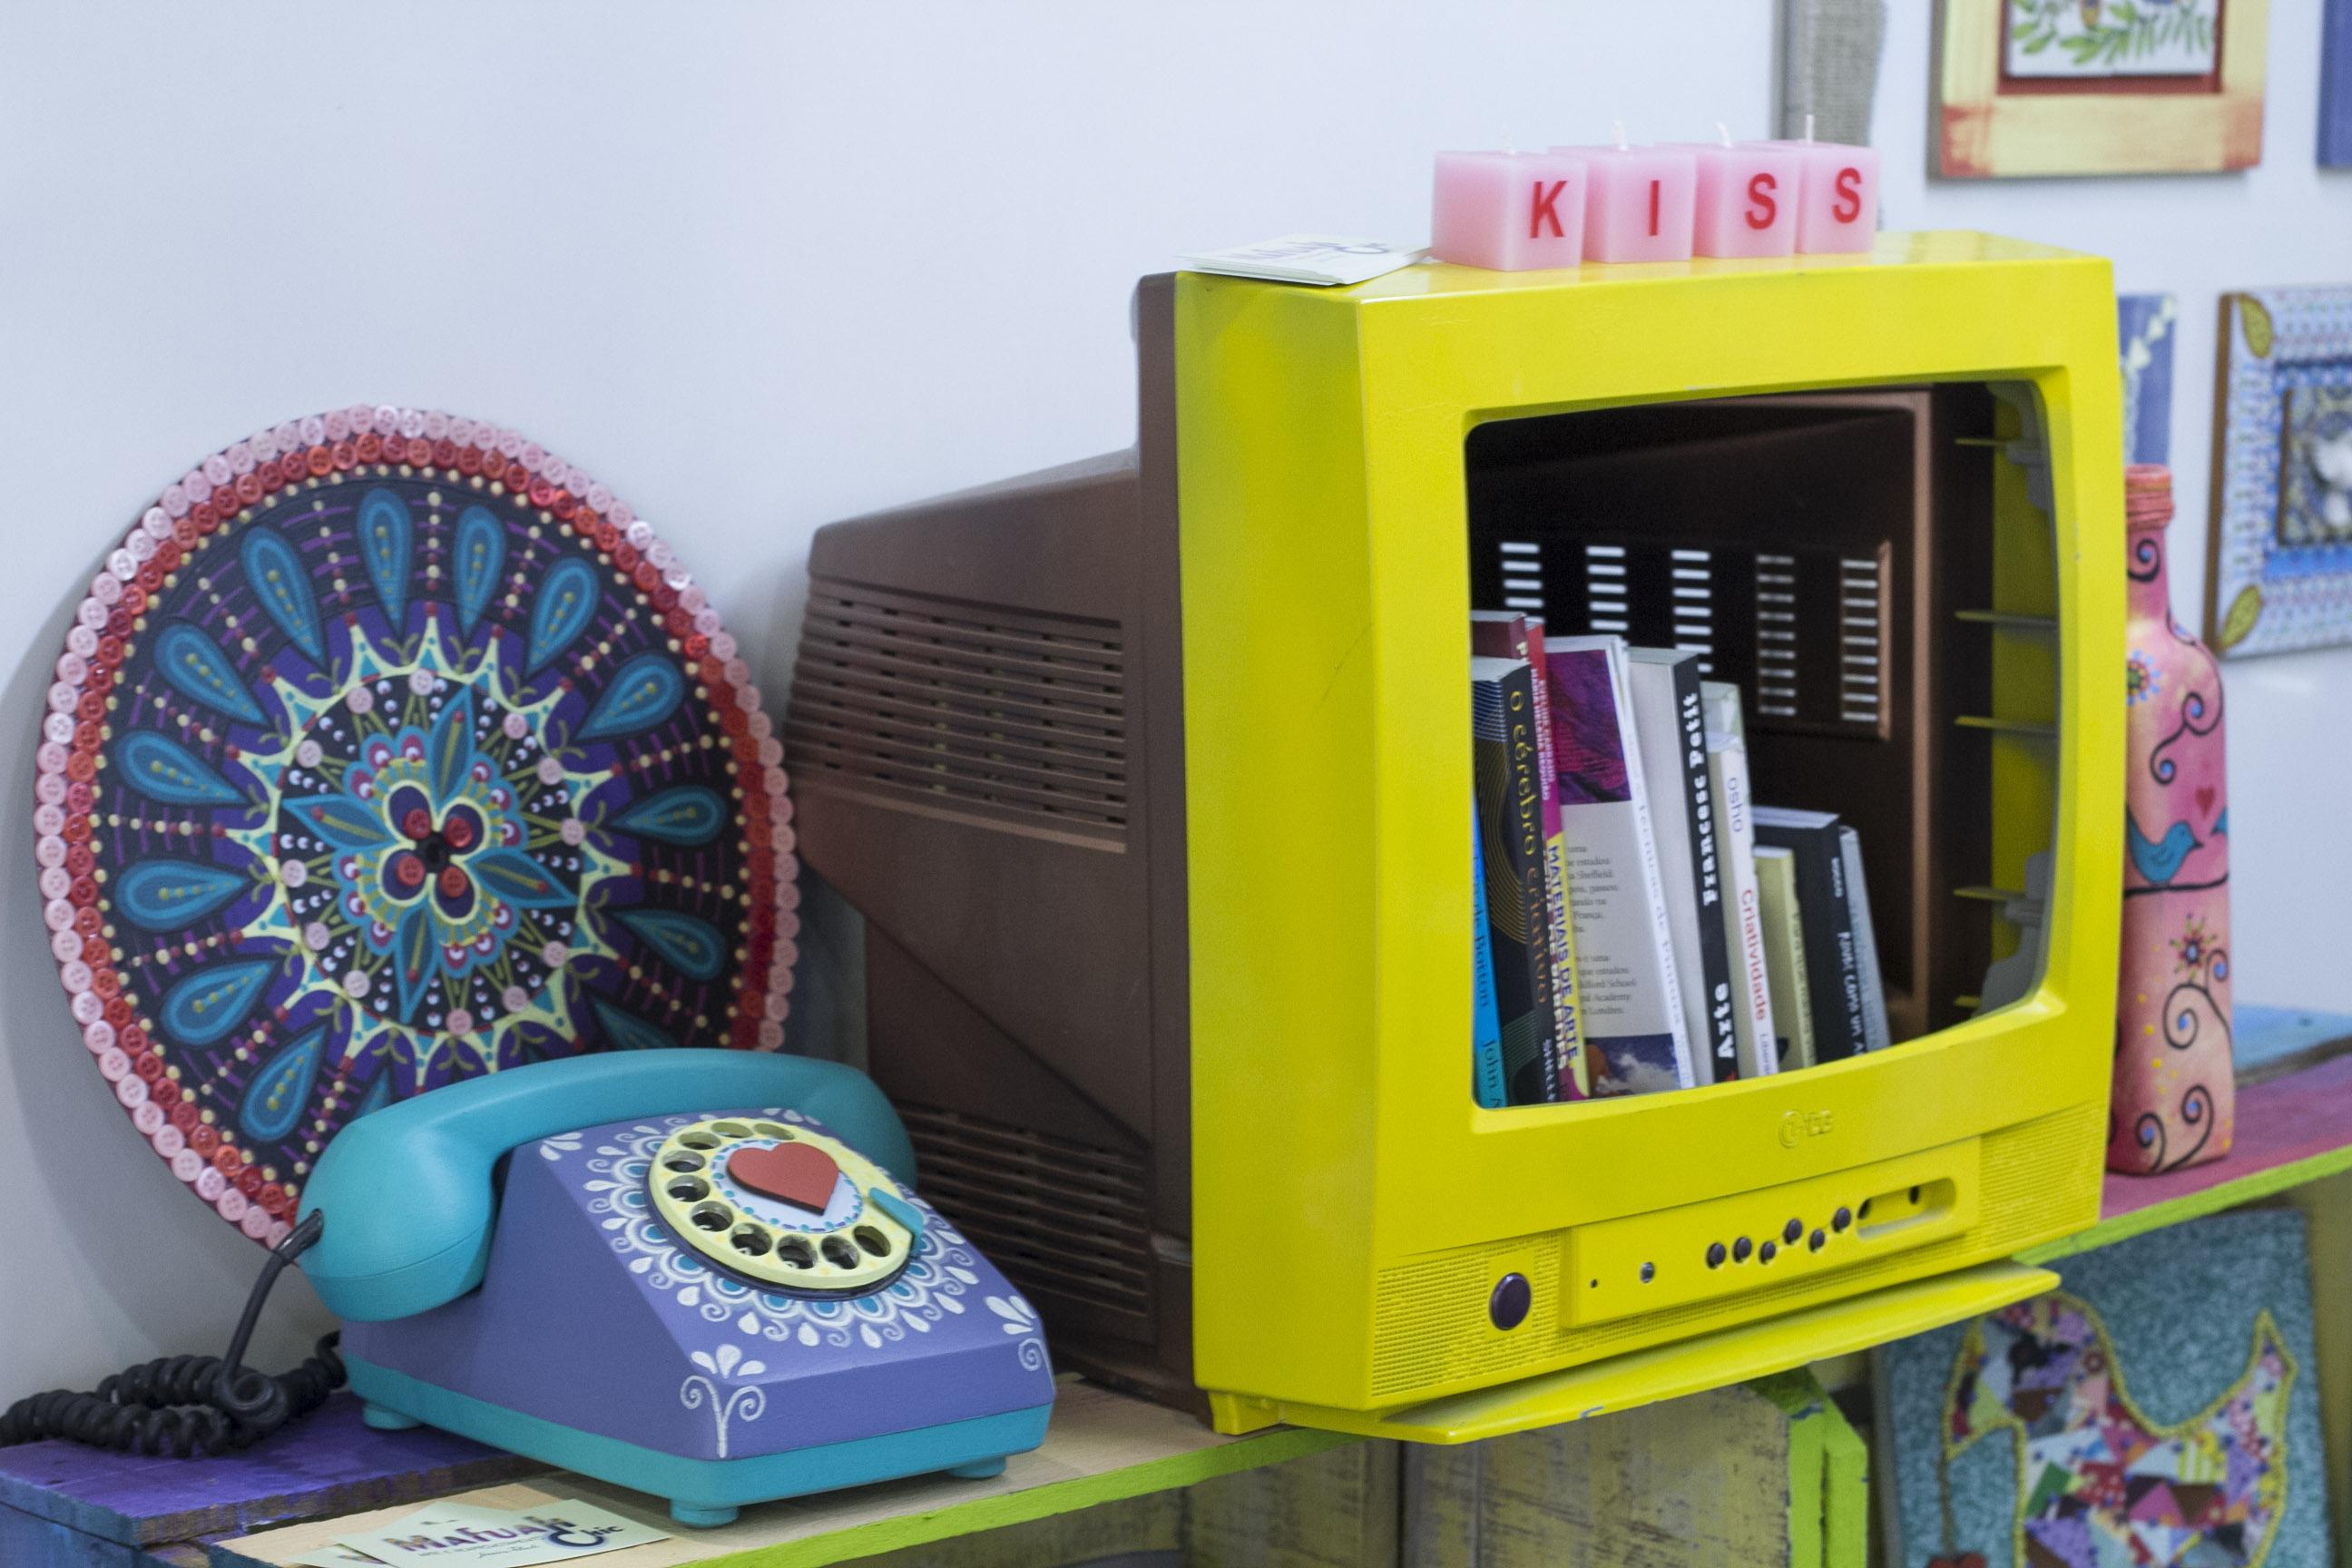 Telefone ganha uma nova roupagem e televisão se transforma para guardar livros